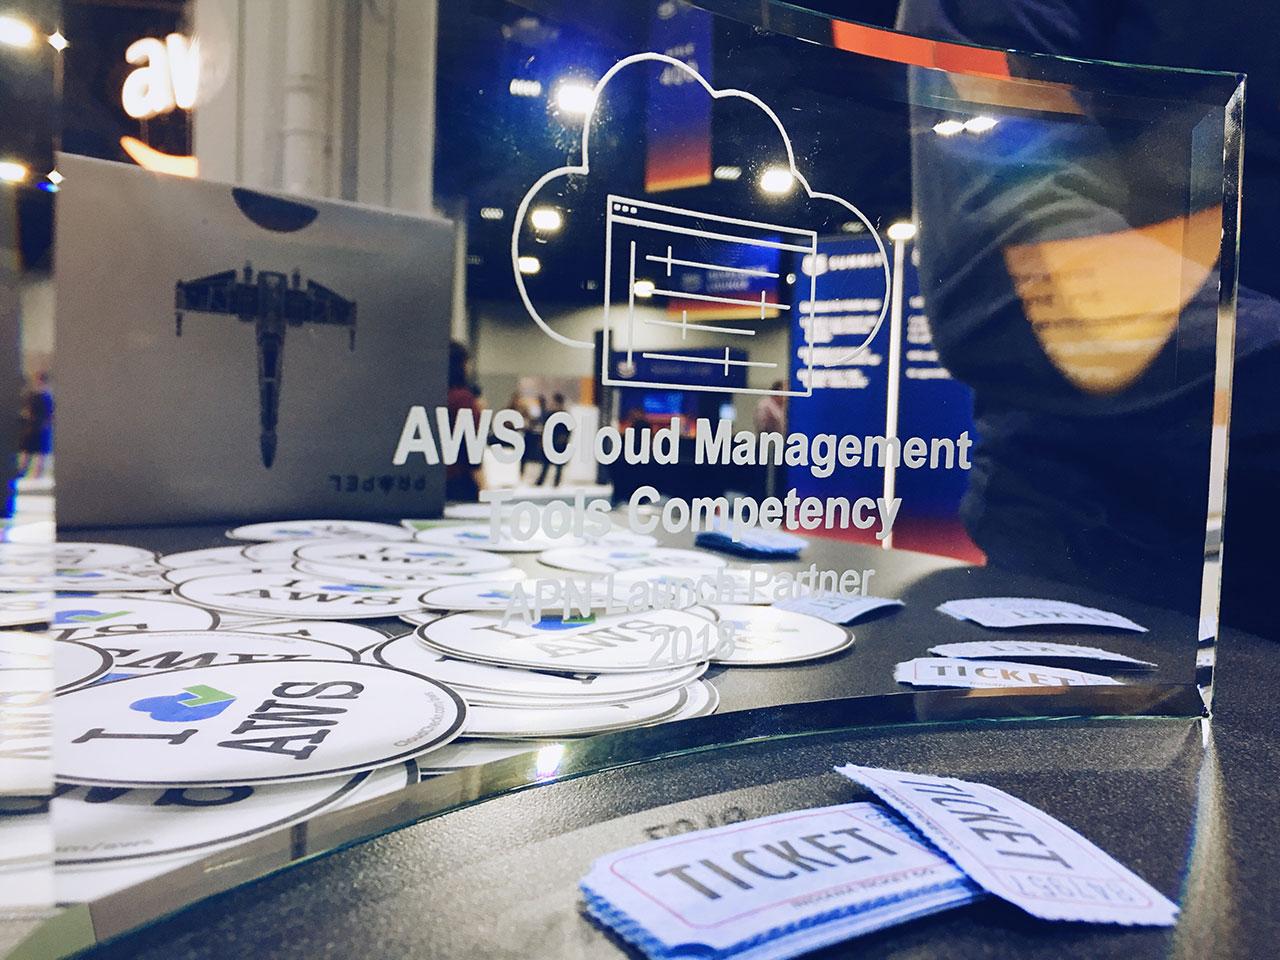 CloudCheckr Achieves AWS Cloud Management Tools (CMT) Competency